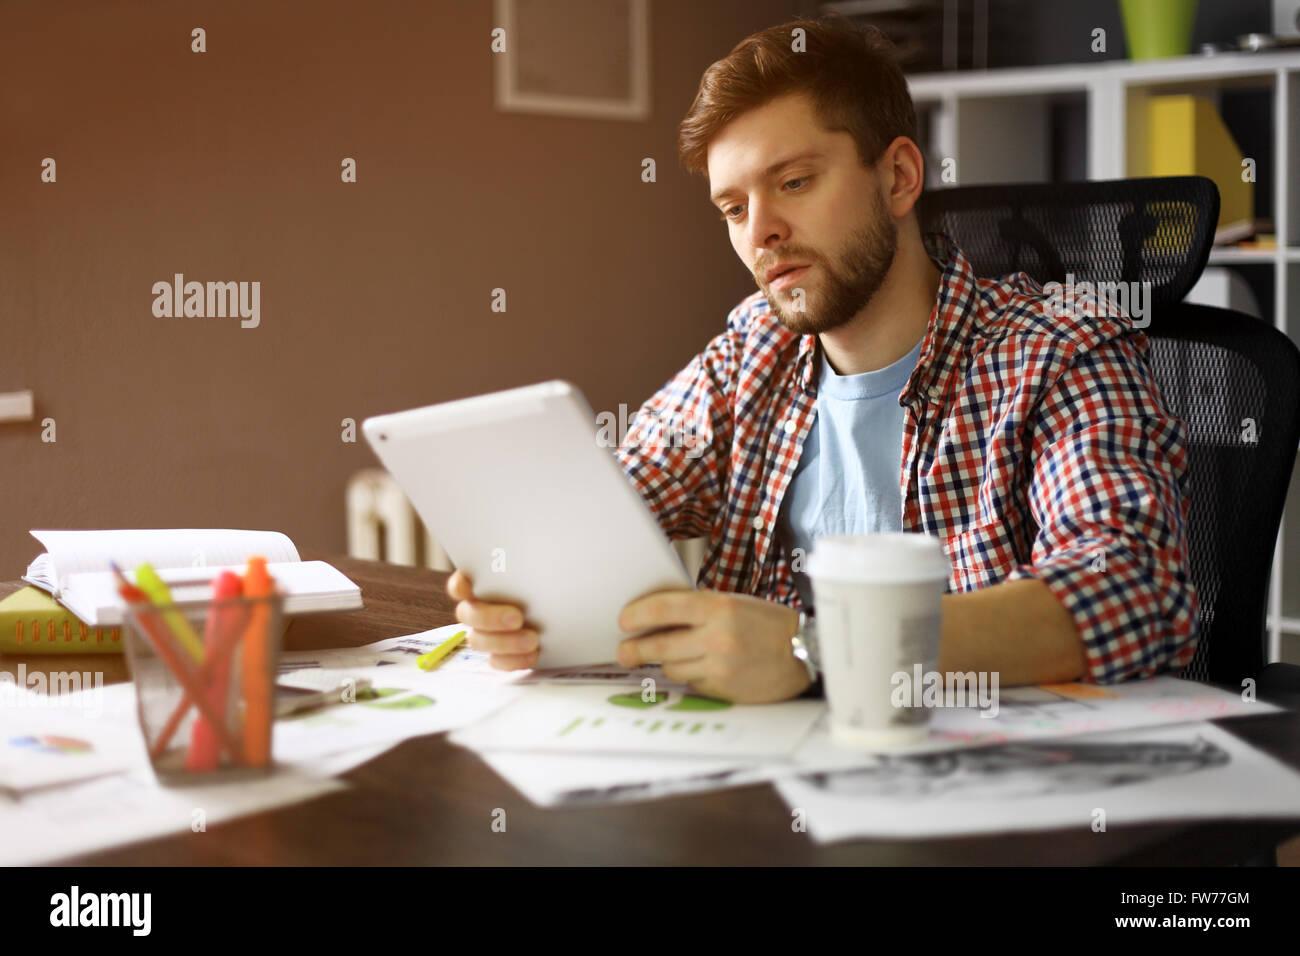 Homme sérieux personne regardant pour l'écran de tablette numérique tout en restant assis dans Photo Stock